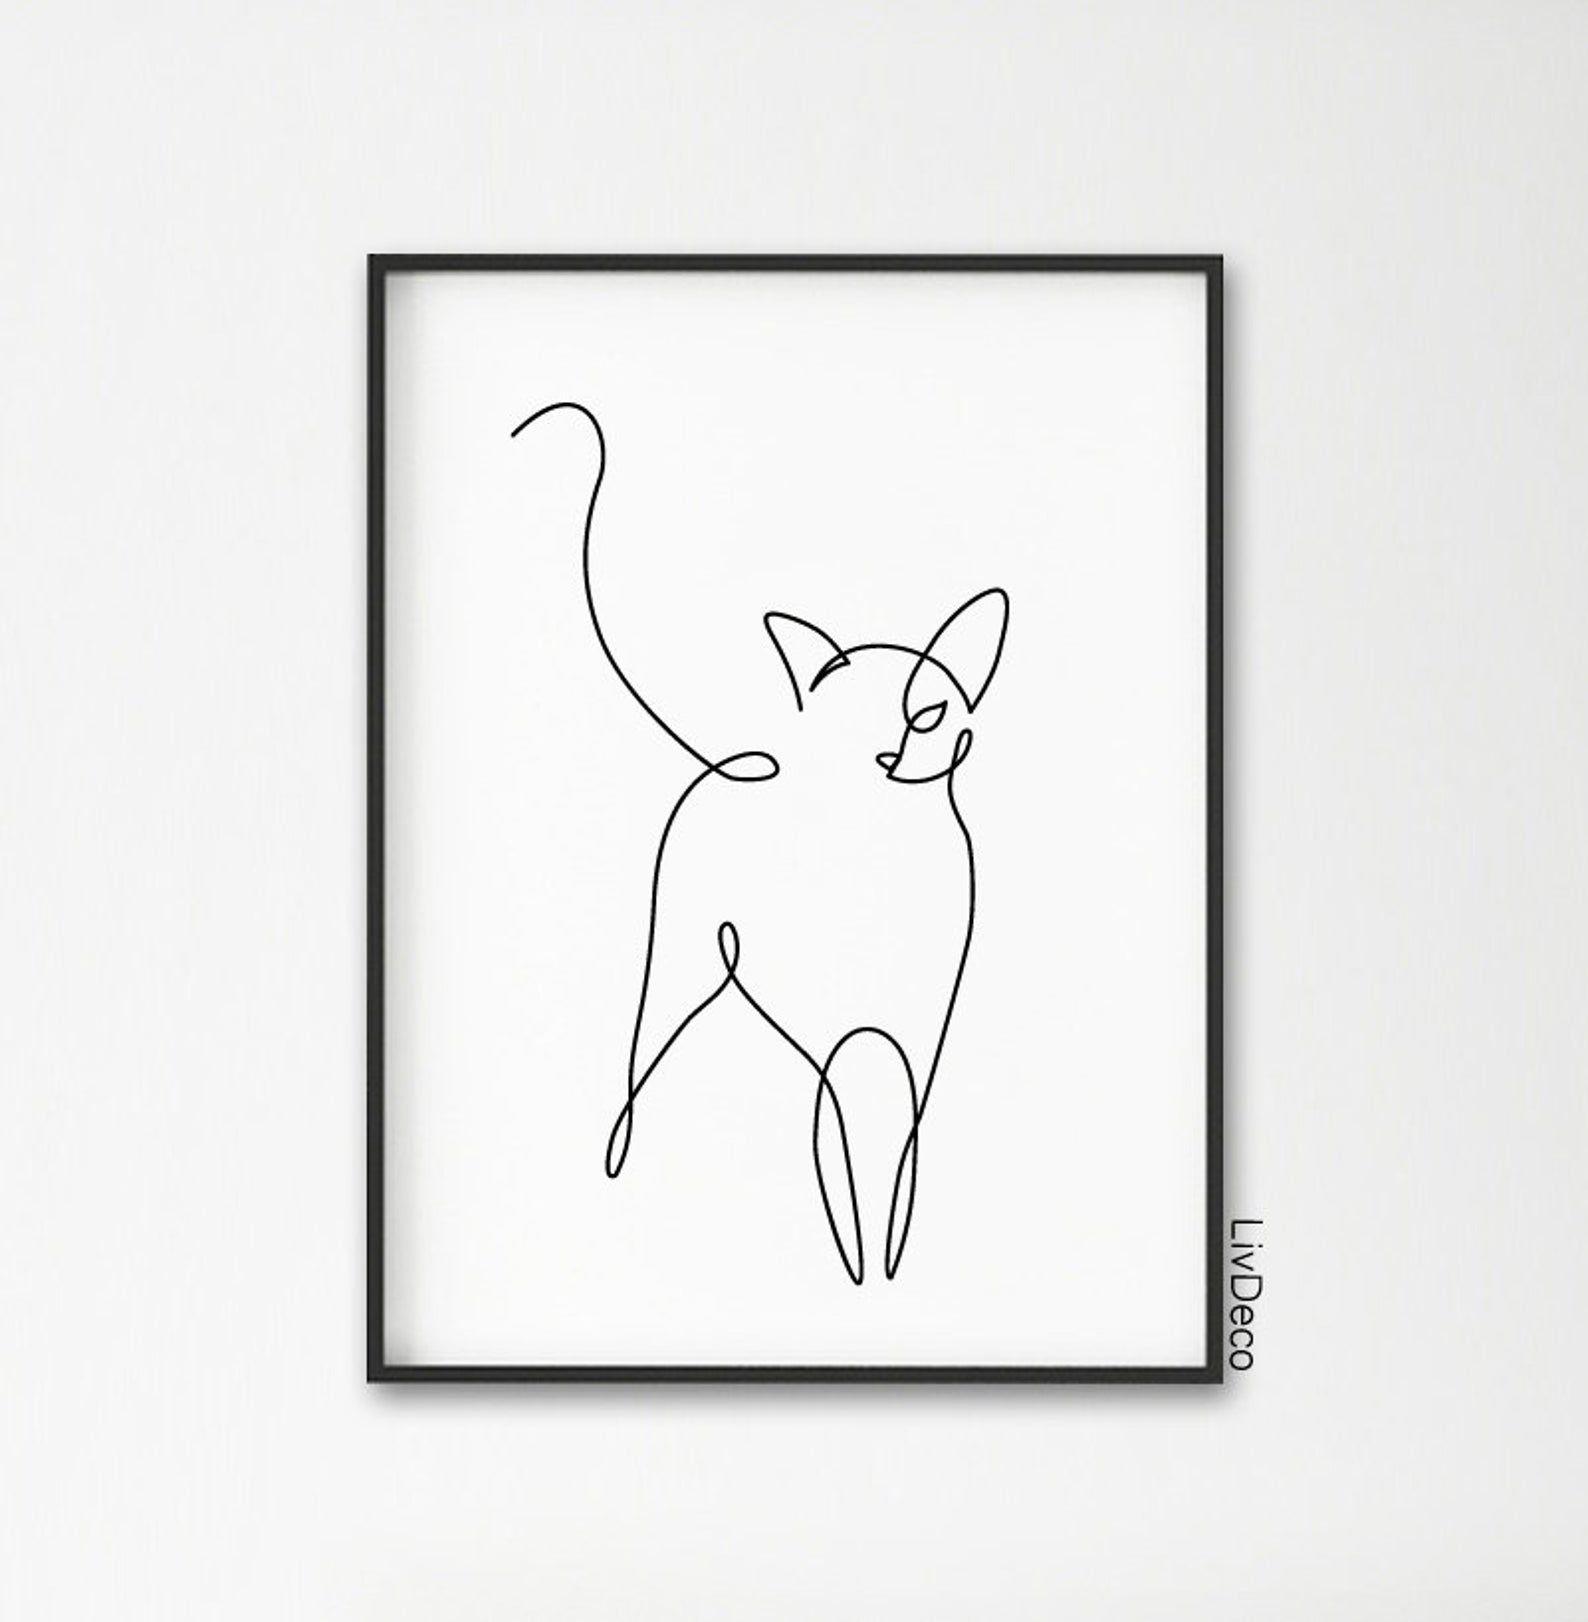 Abstrakte Katze eine Strichzeichnung, Wand-Dekor-Druck, Miimalist Kunst, Tiere druckbare Kunst, schwarzen und weißen großen Druck, einzelne durchgehende Linie